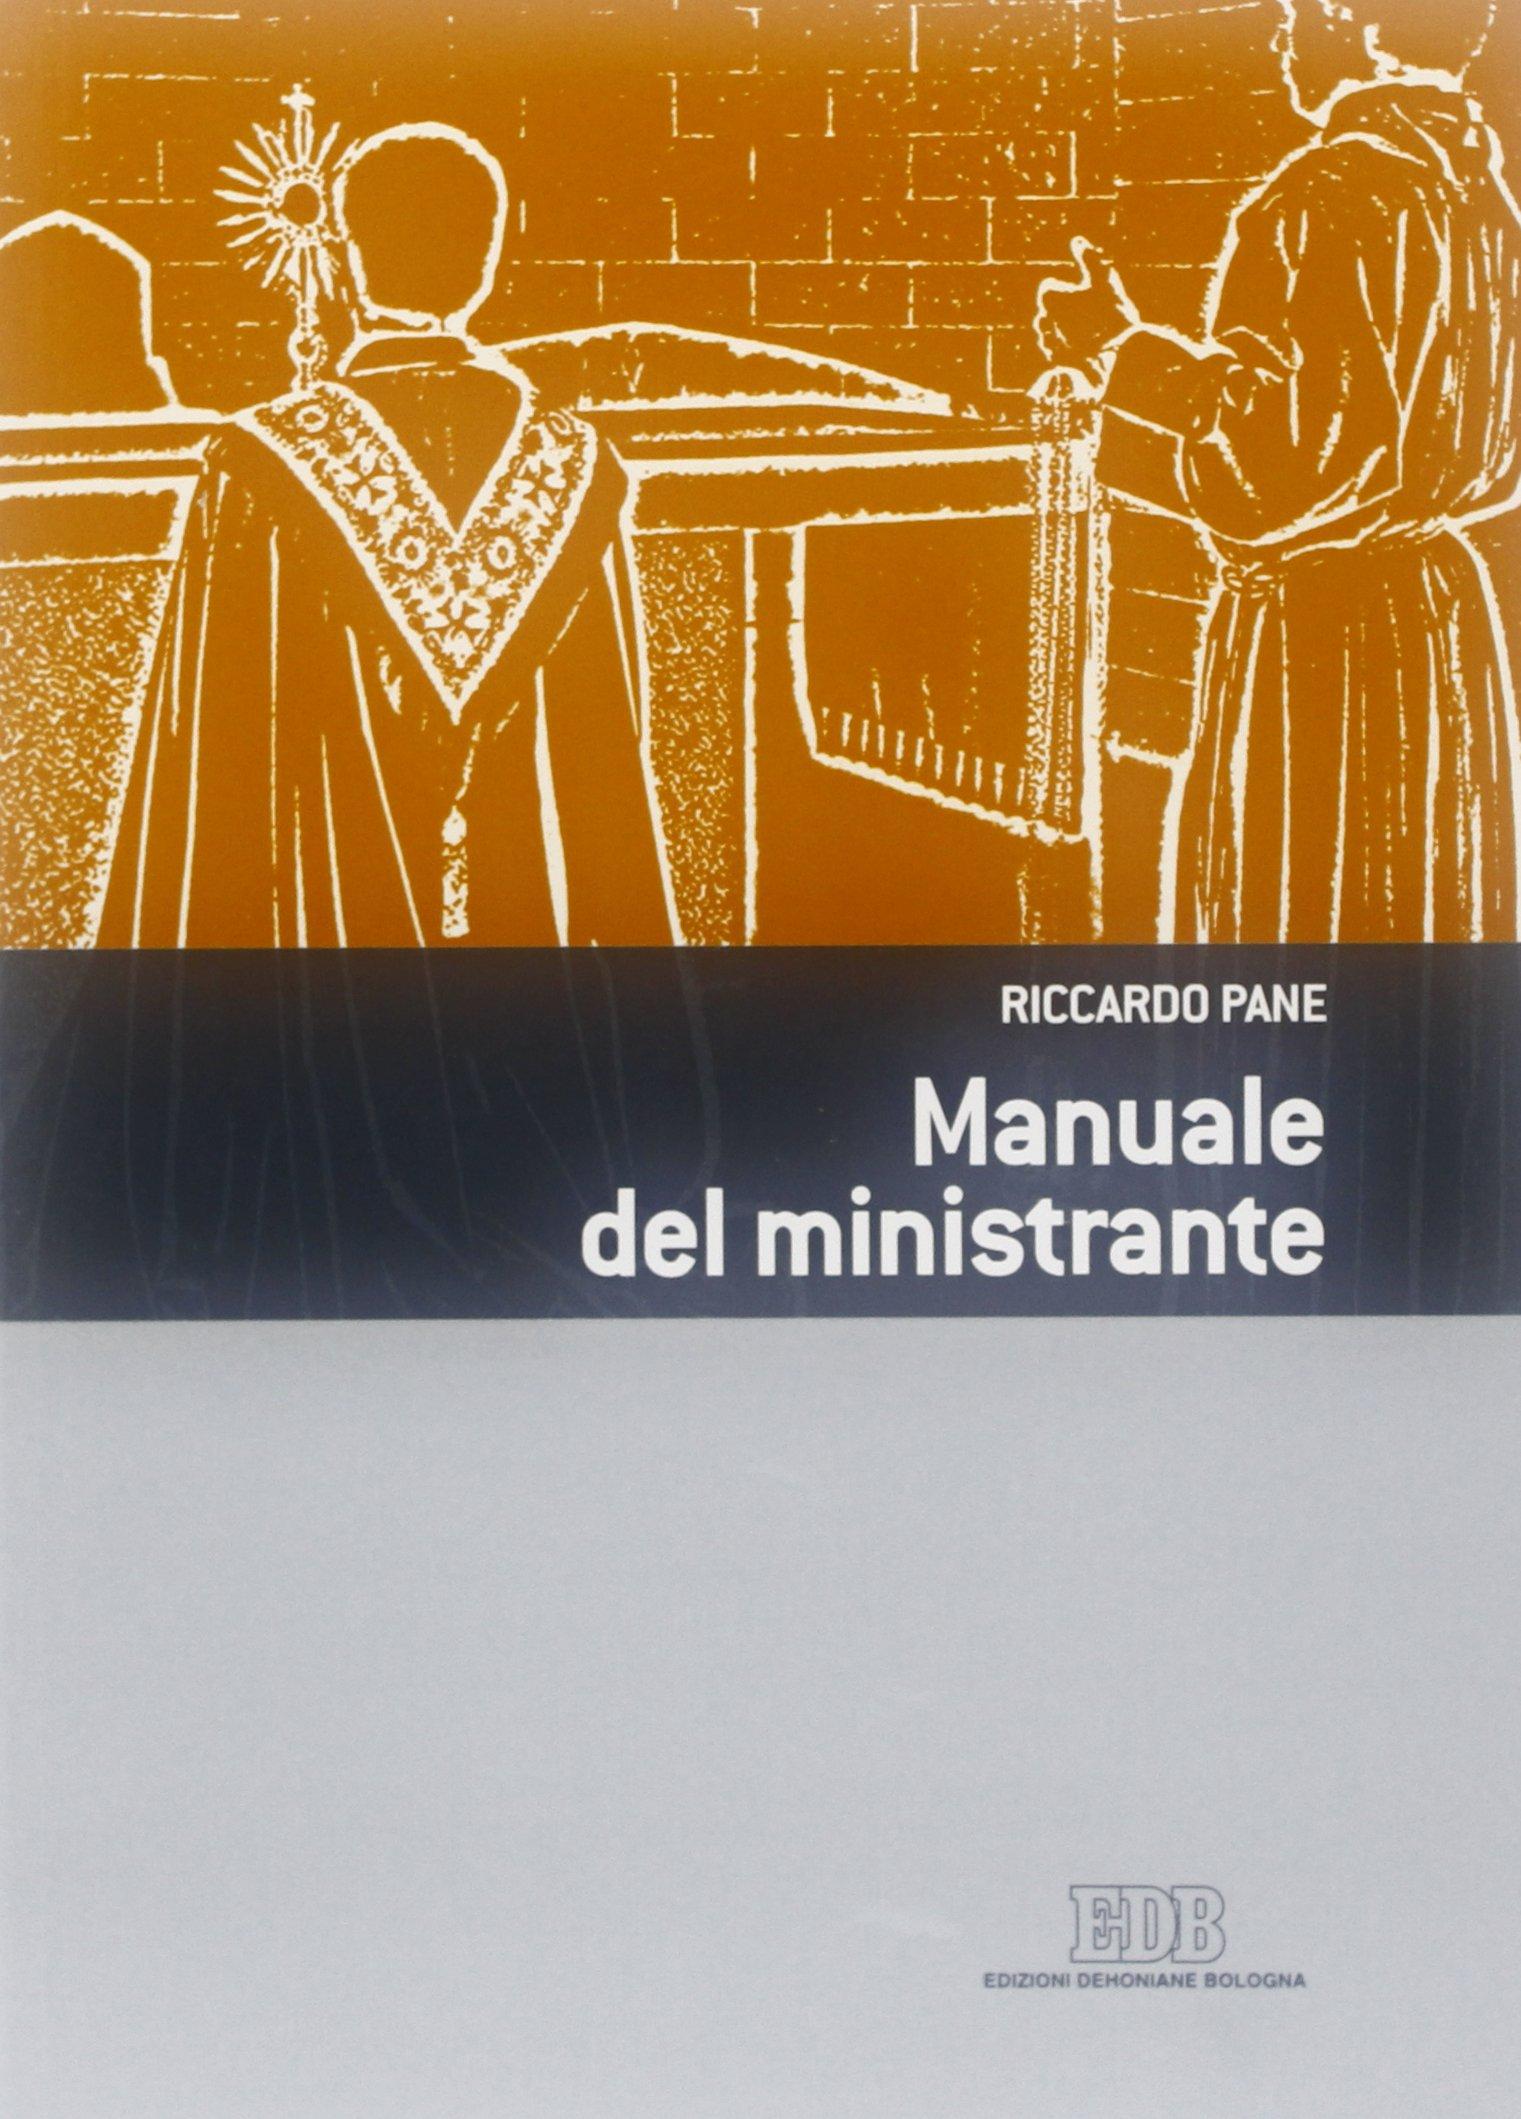 Manuale del ministrante